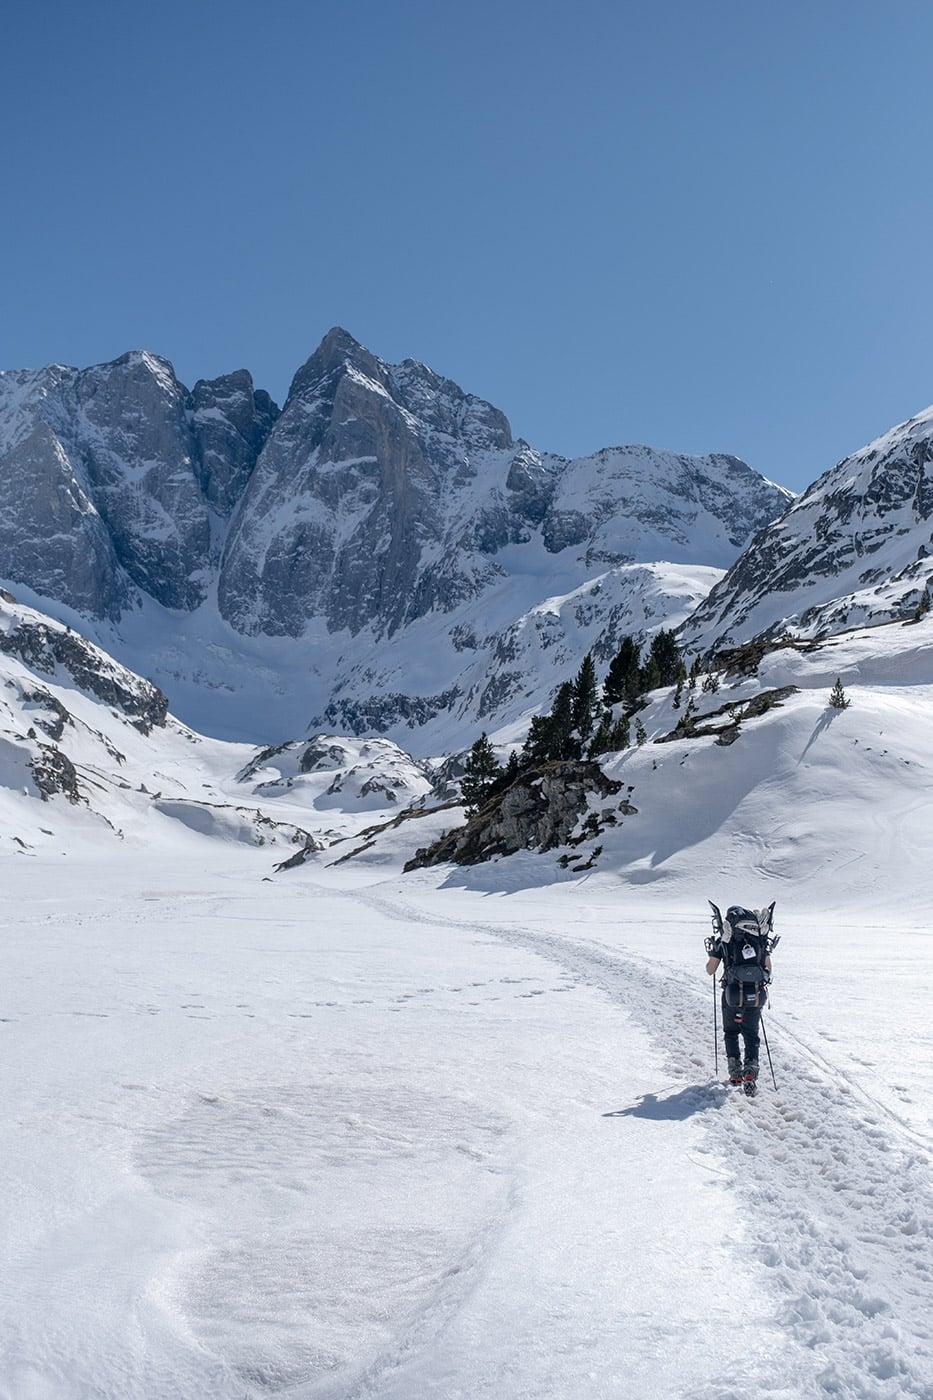 montée vers le refuge des oulettes de gaube dans la neige